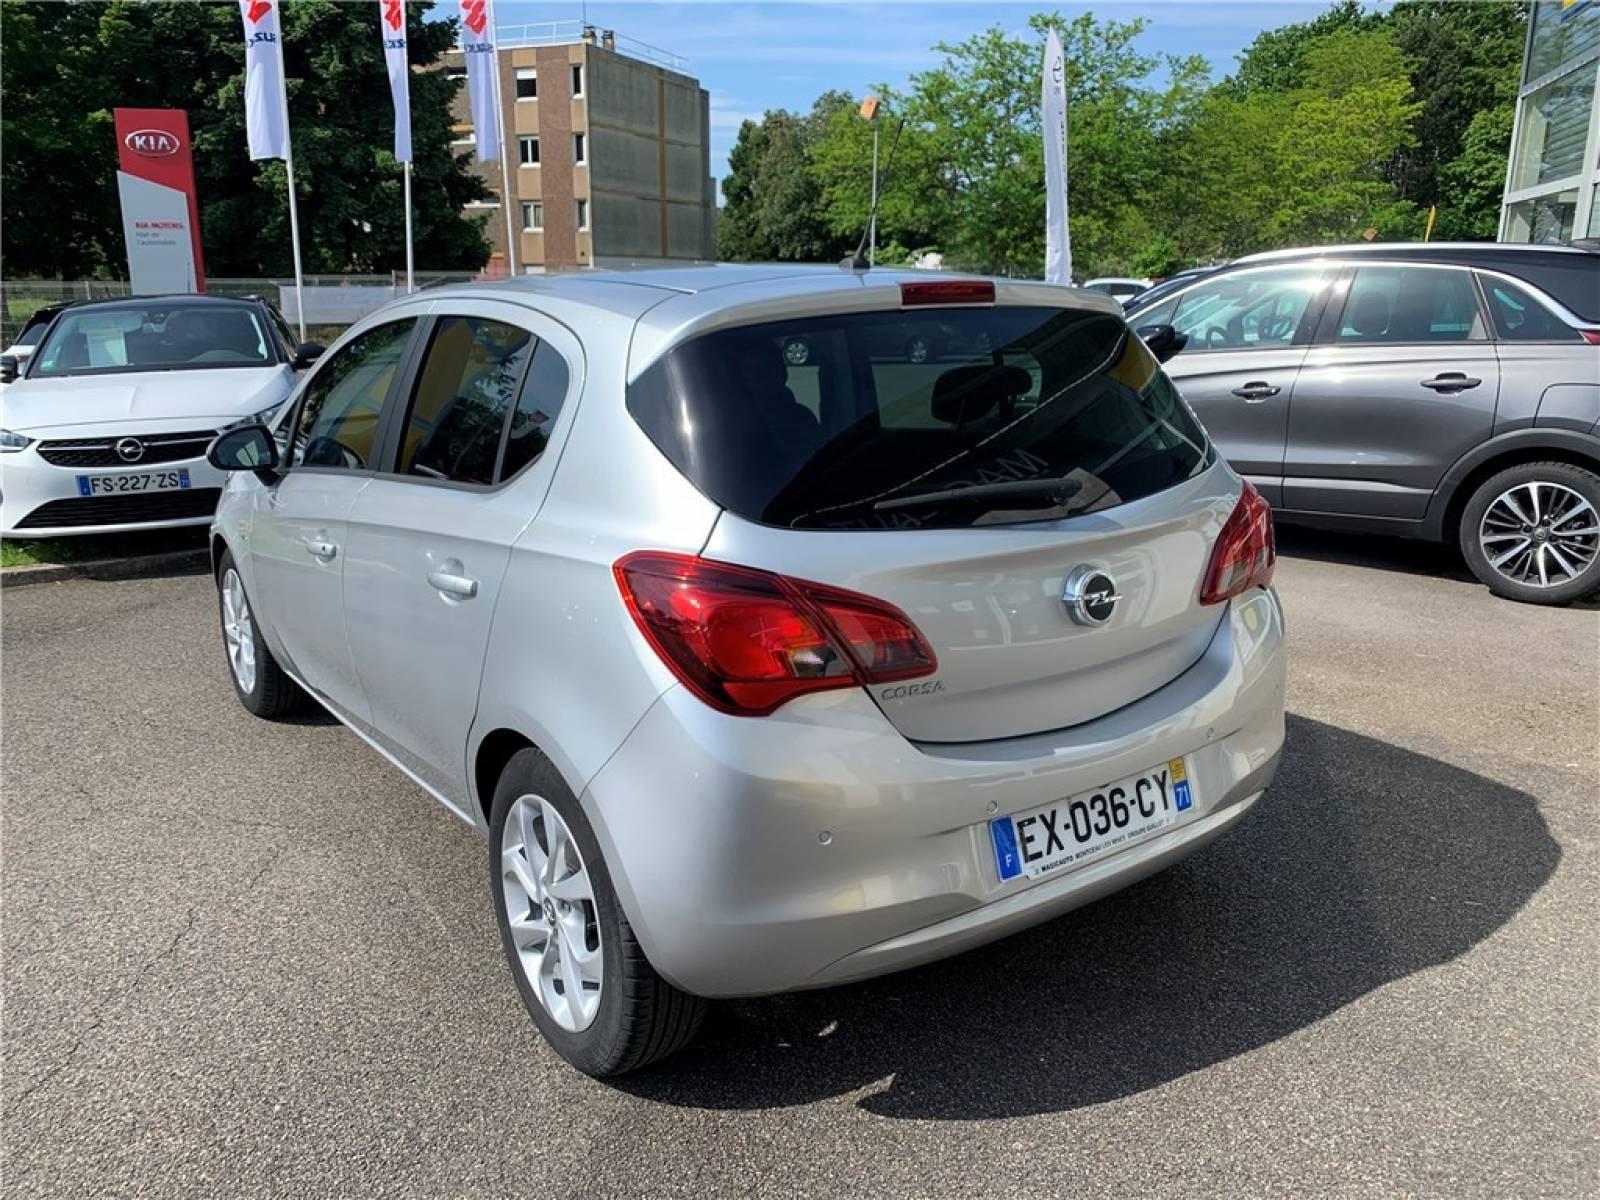 OPEL Corsa 1.4 90 ch - véhicule d'occasion - Groupe Guillet - Opel Magicauto - Montceau-les-Mines - 71300 - Montceau-les-Mines - 5